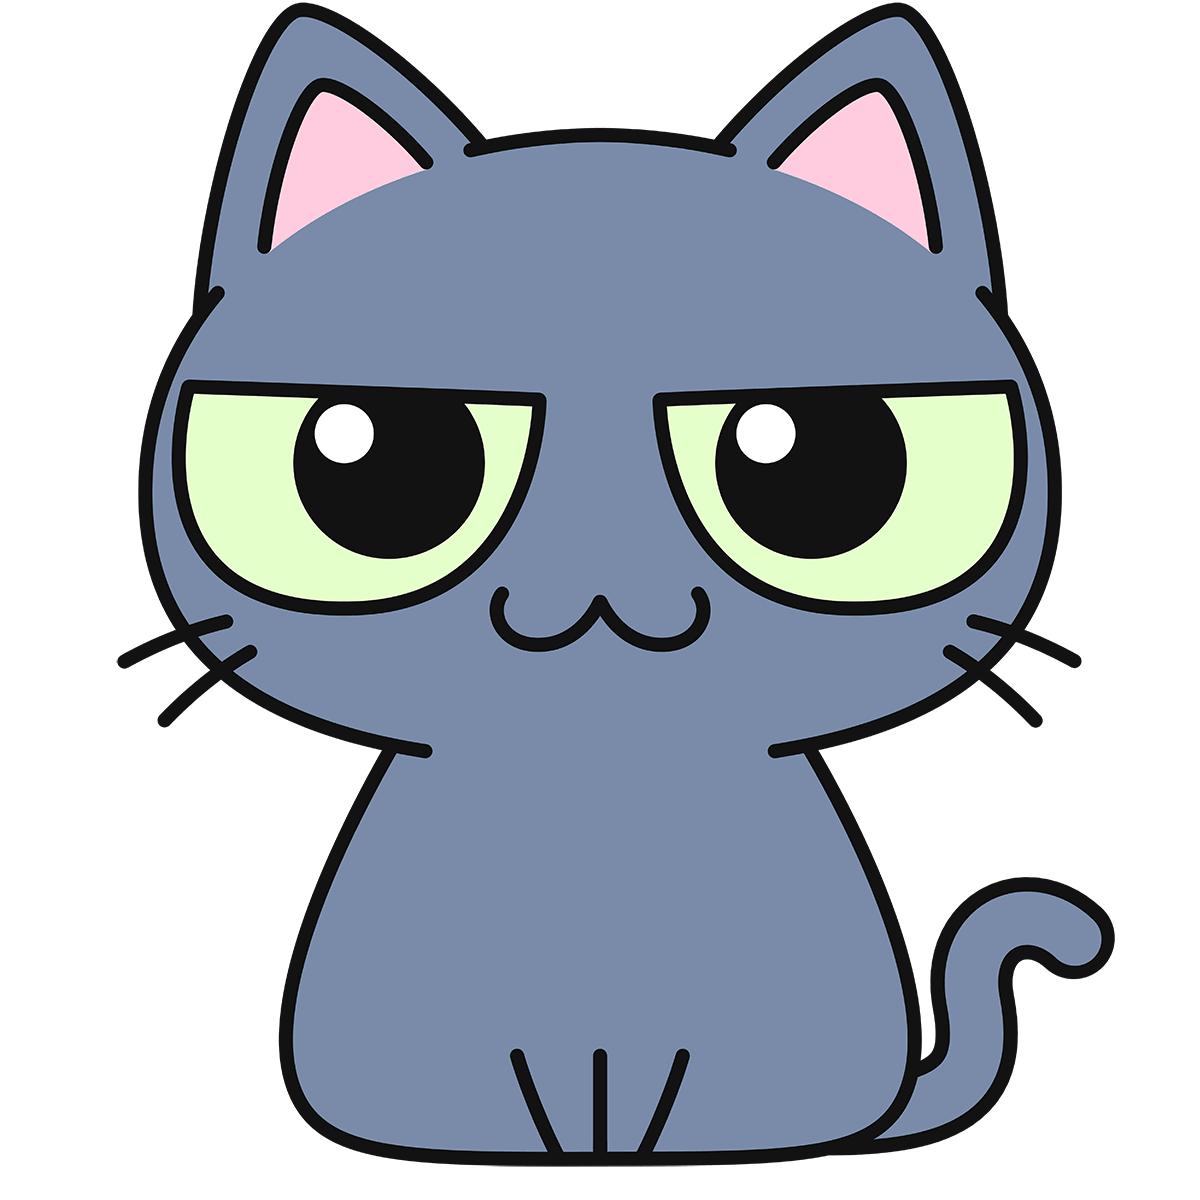 グレー猫の無料イラスト